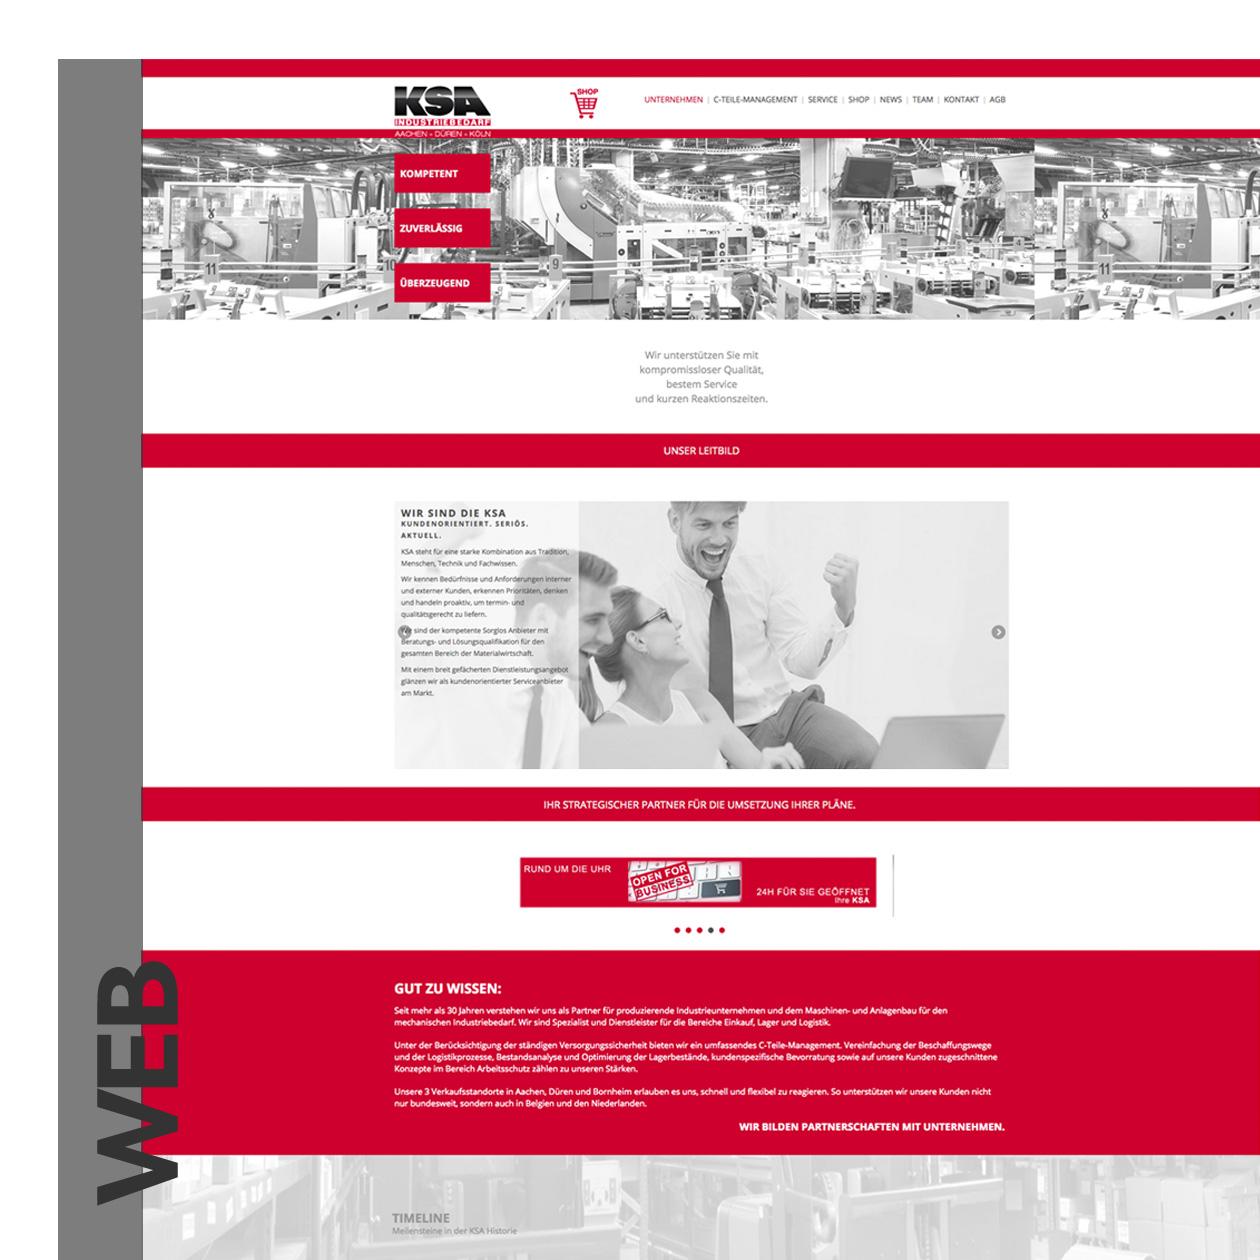 KSA GmbH & Co. KG